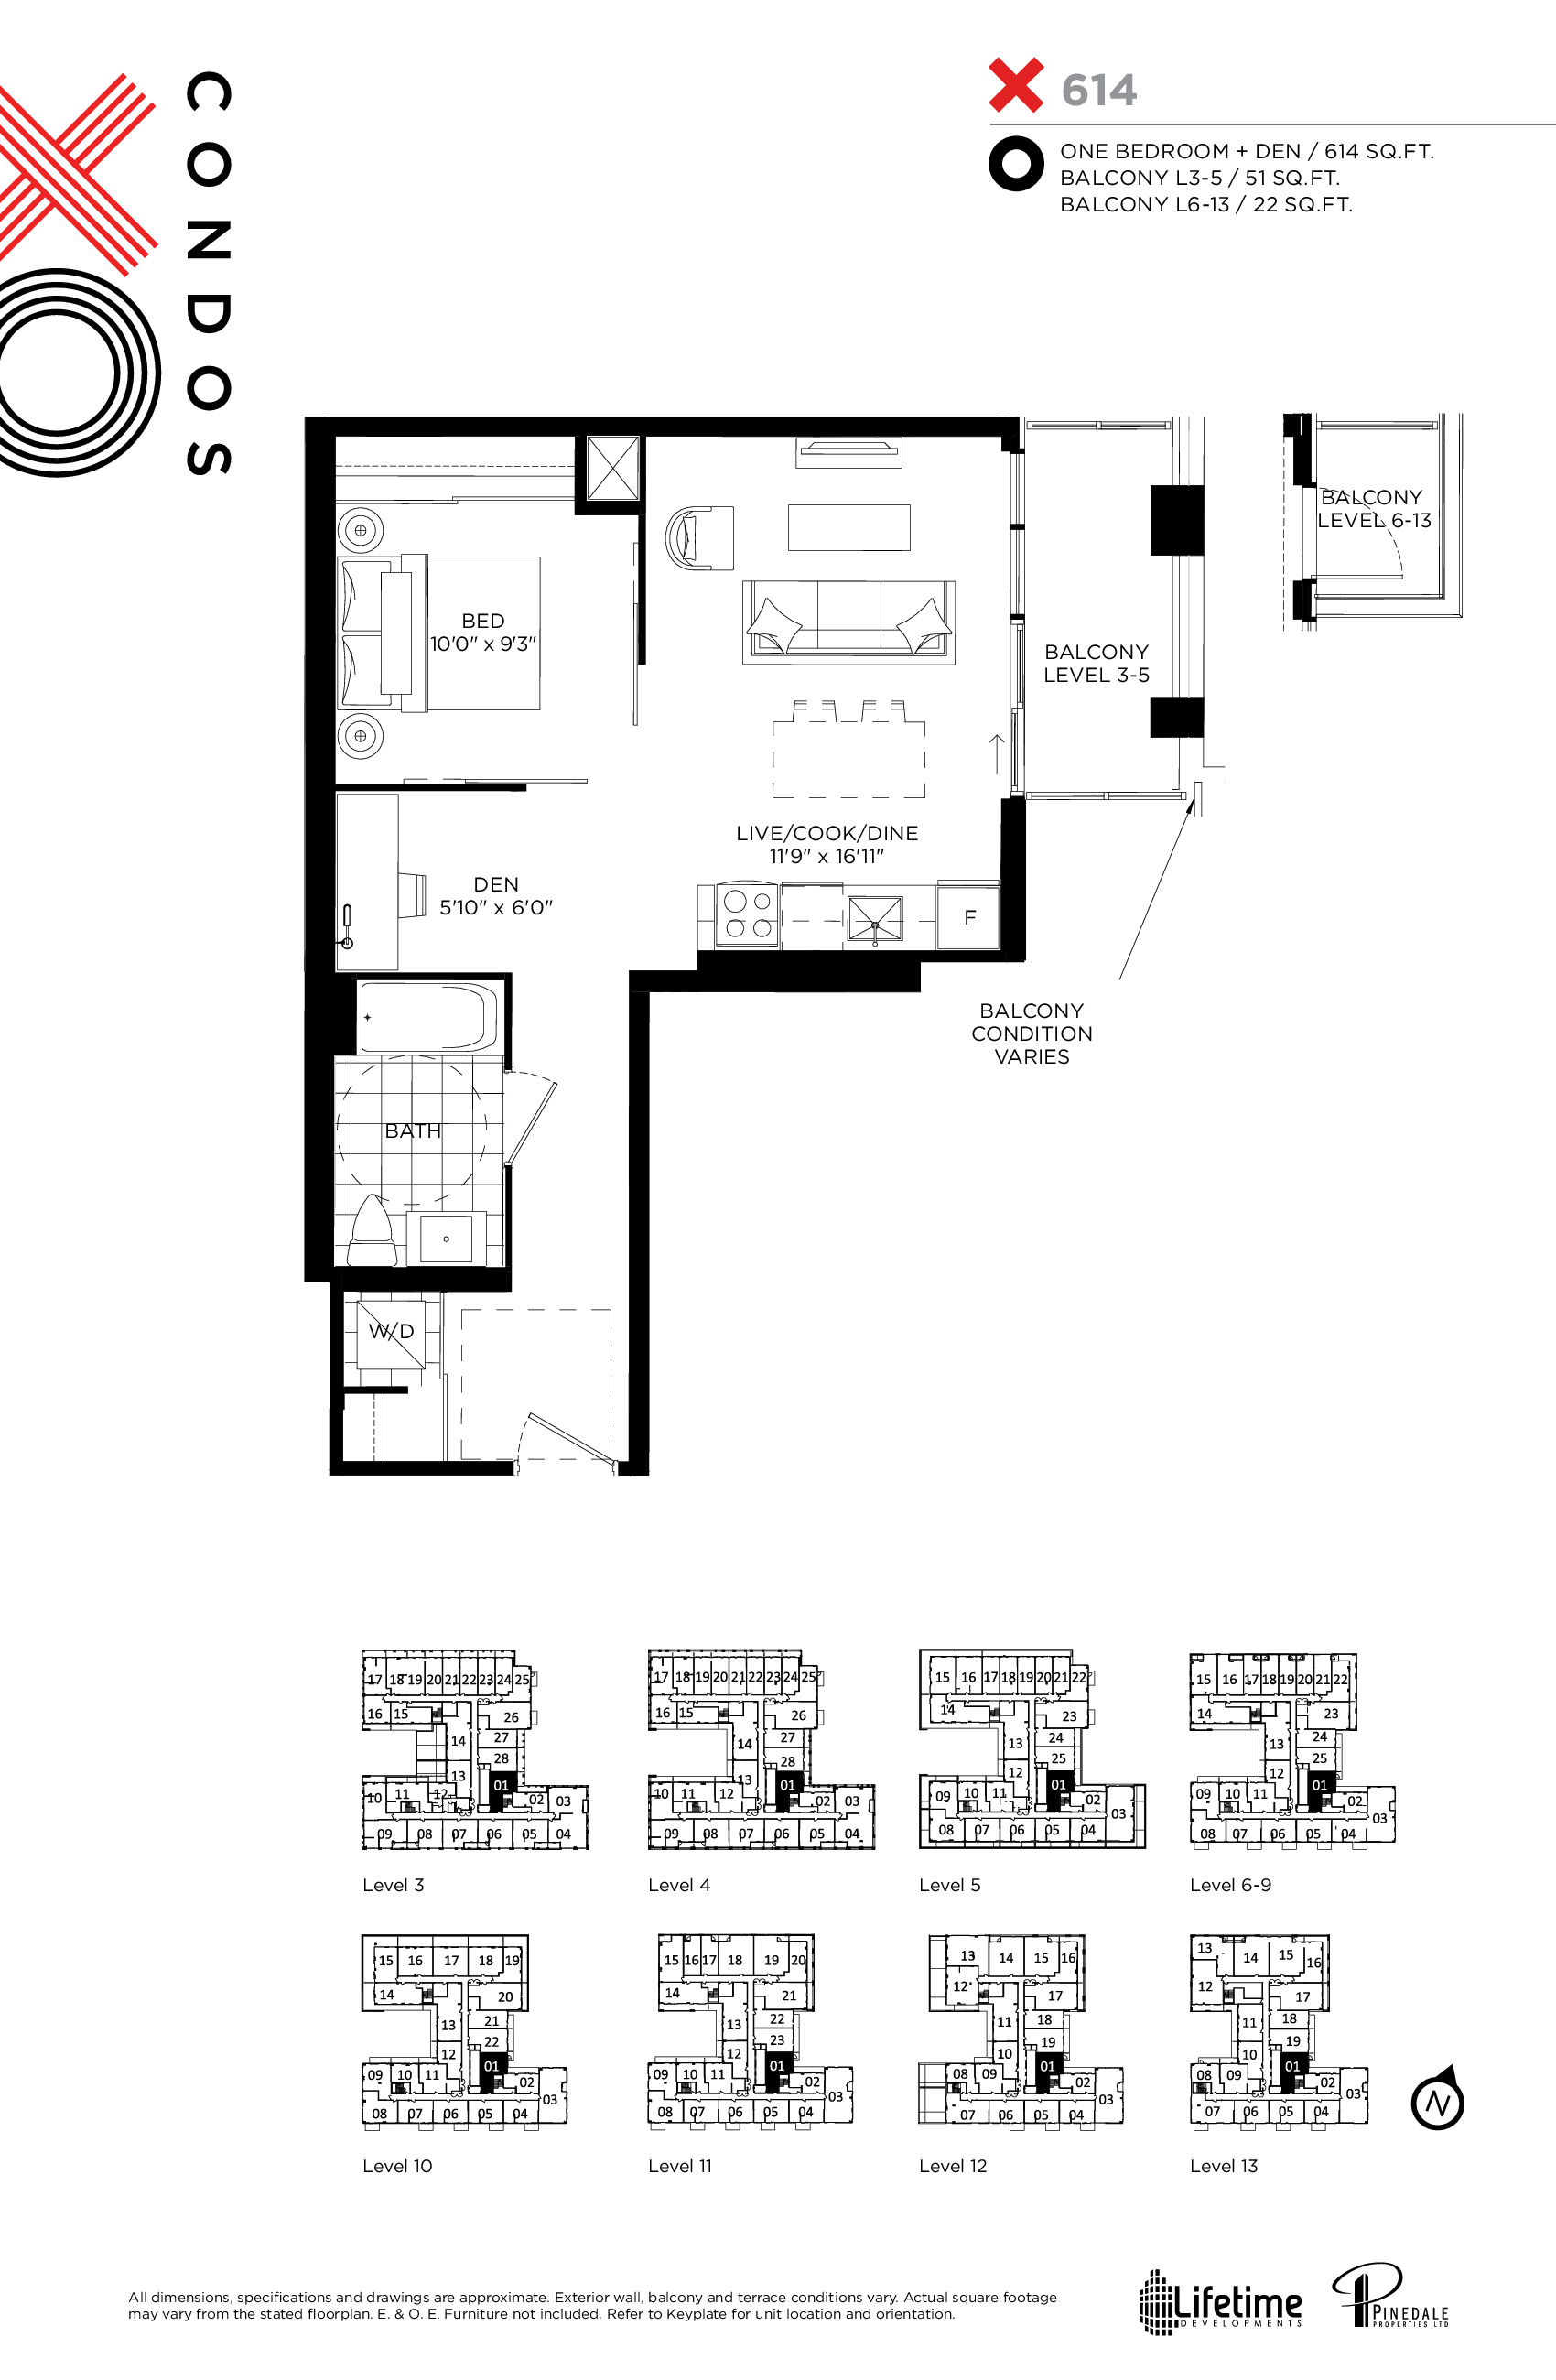 X614 Floor Plan at XO Condos - 614 sq.ft